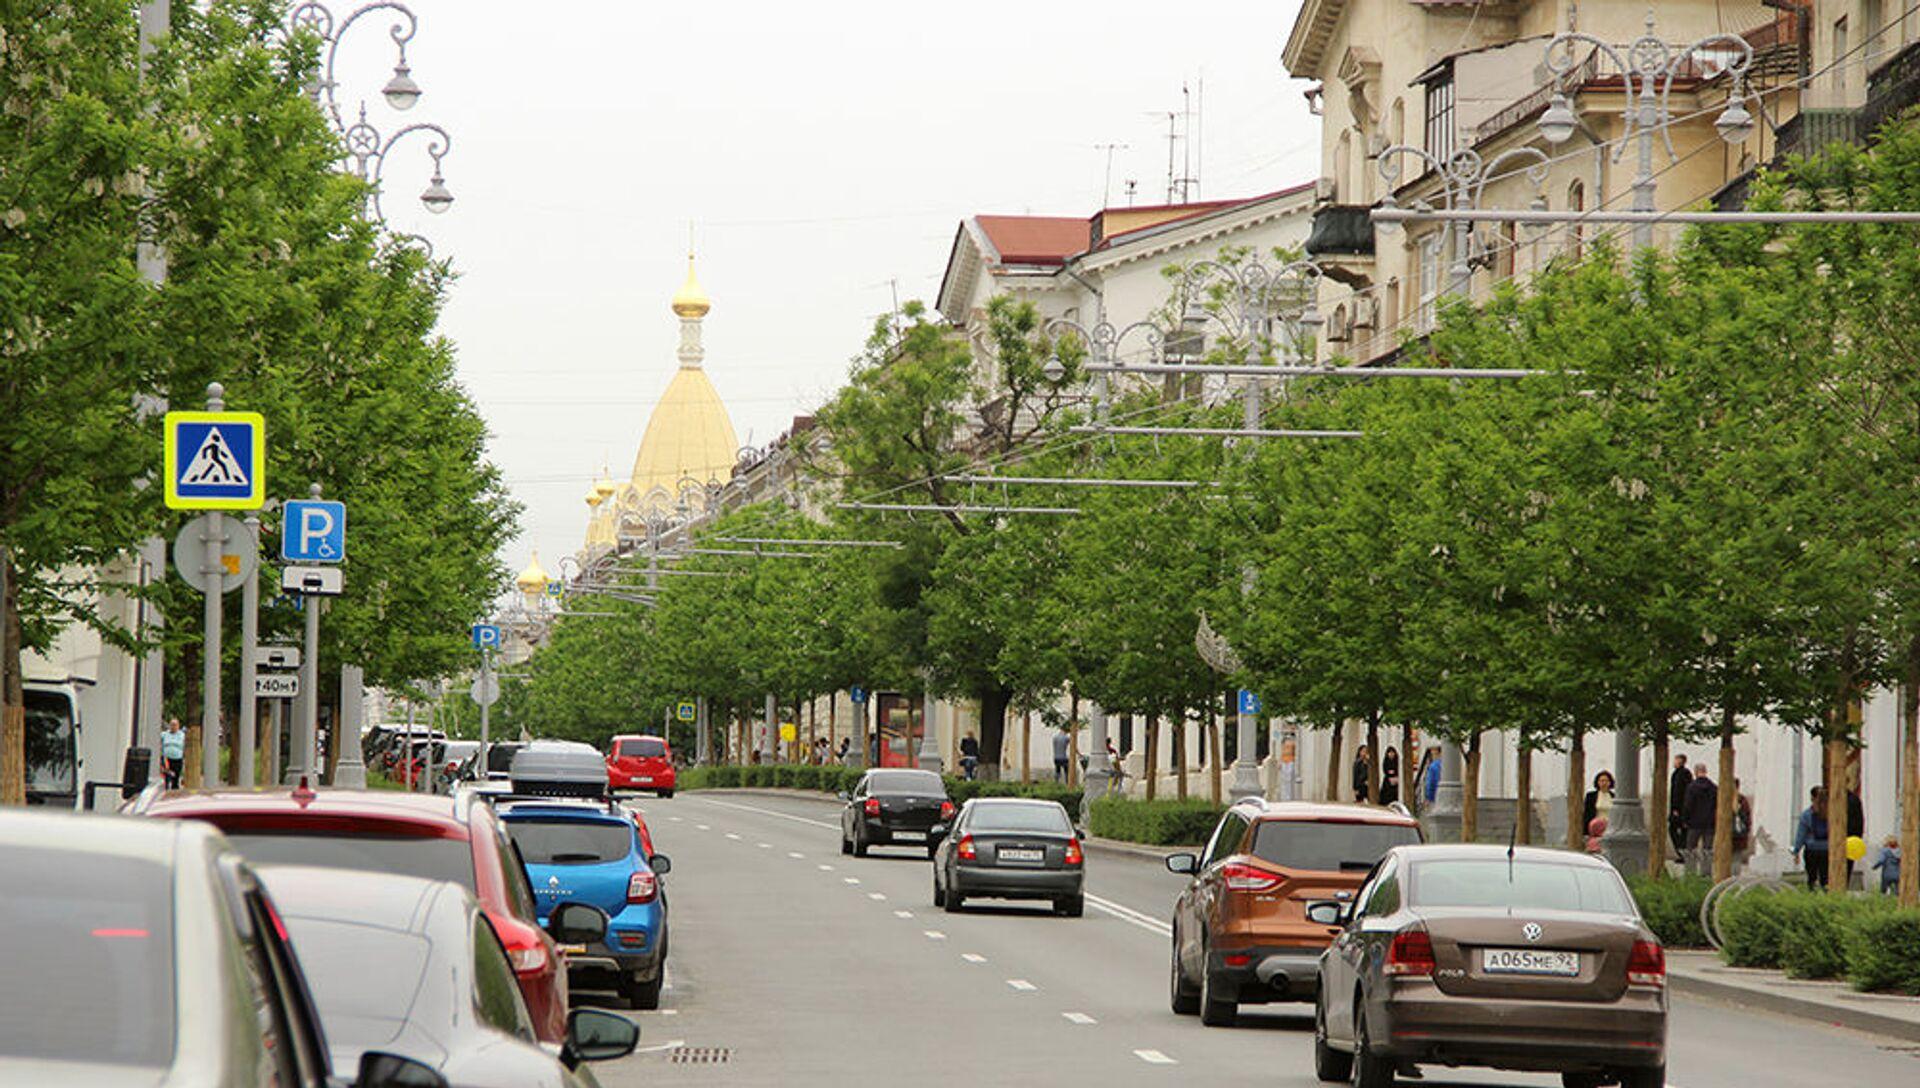 Улица Большая Морская в Севастополе - РИА Новости, 1920, 07.06.2021